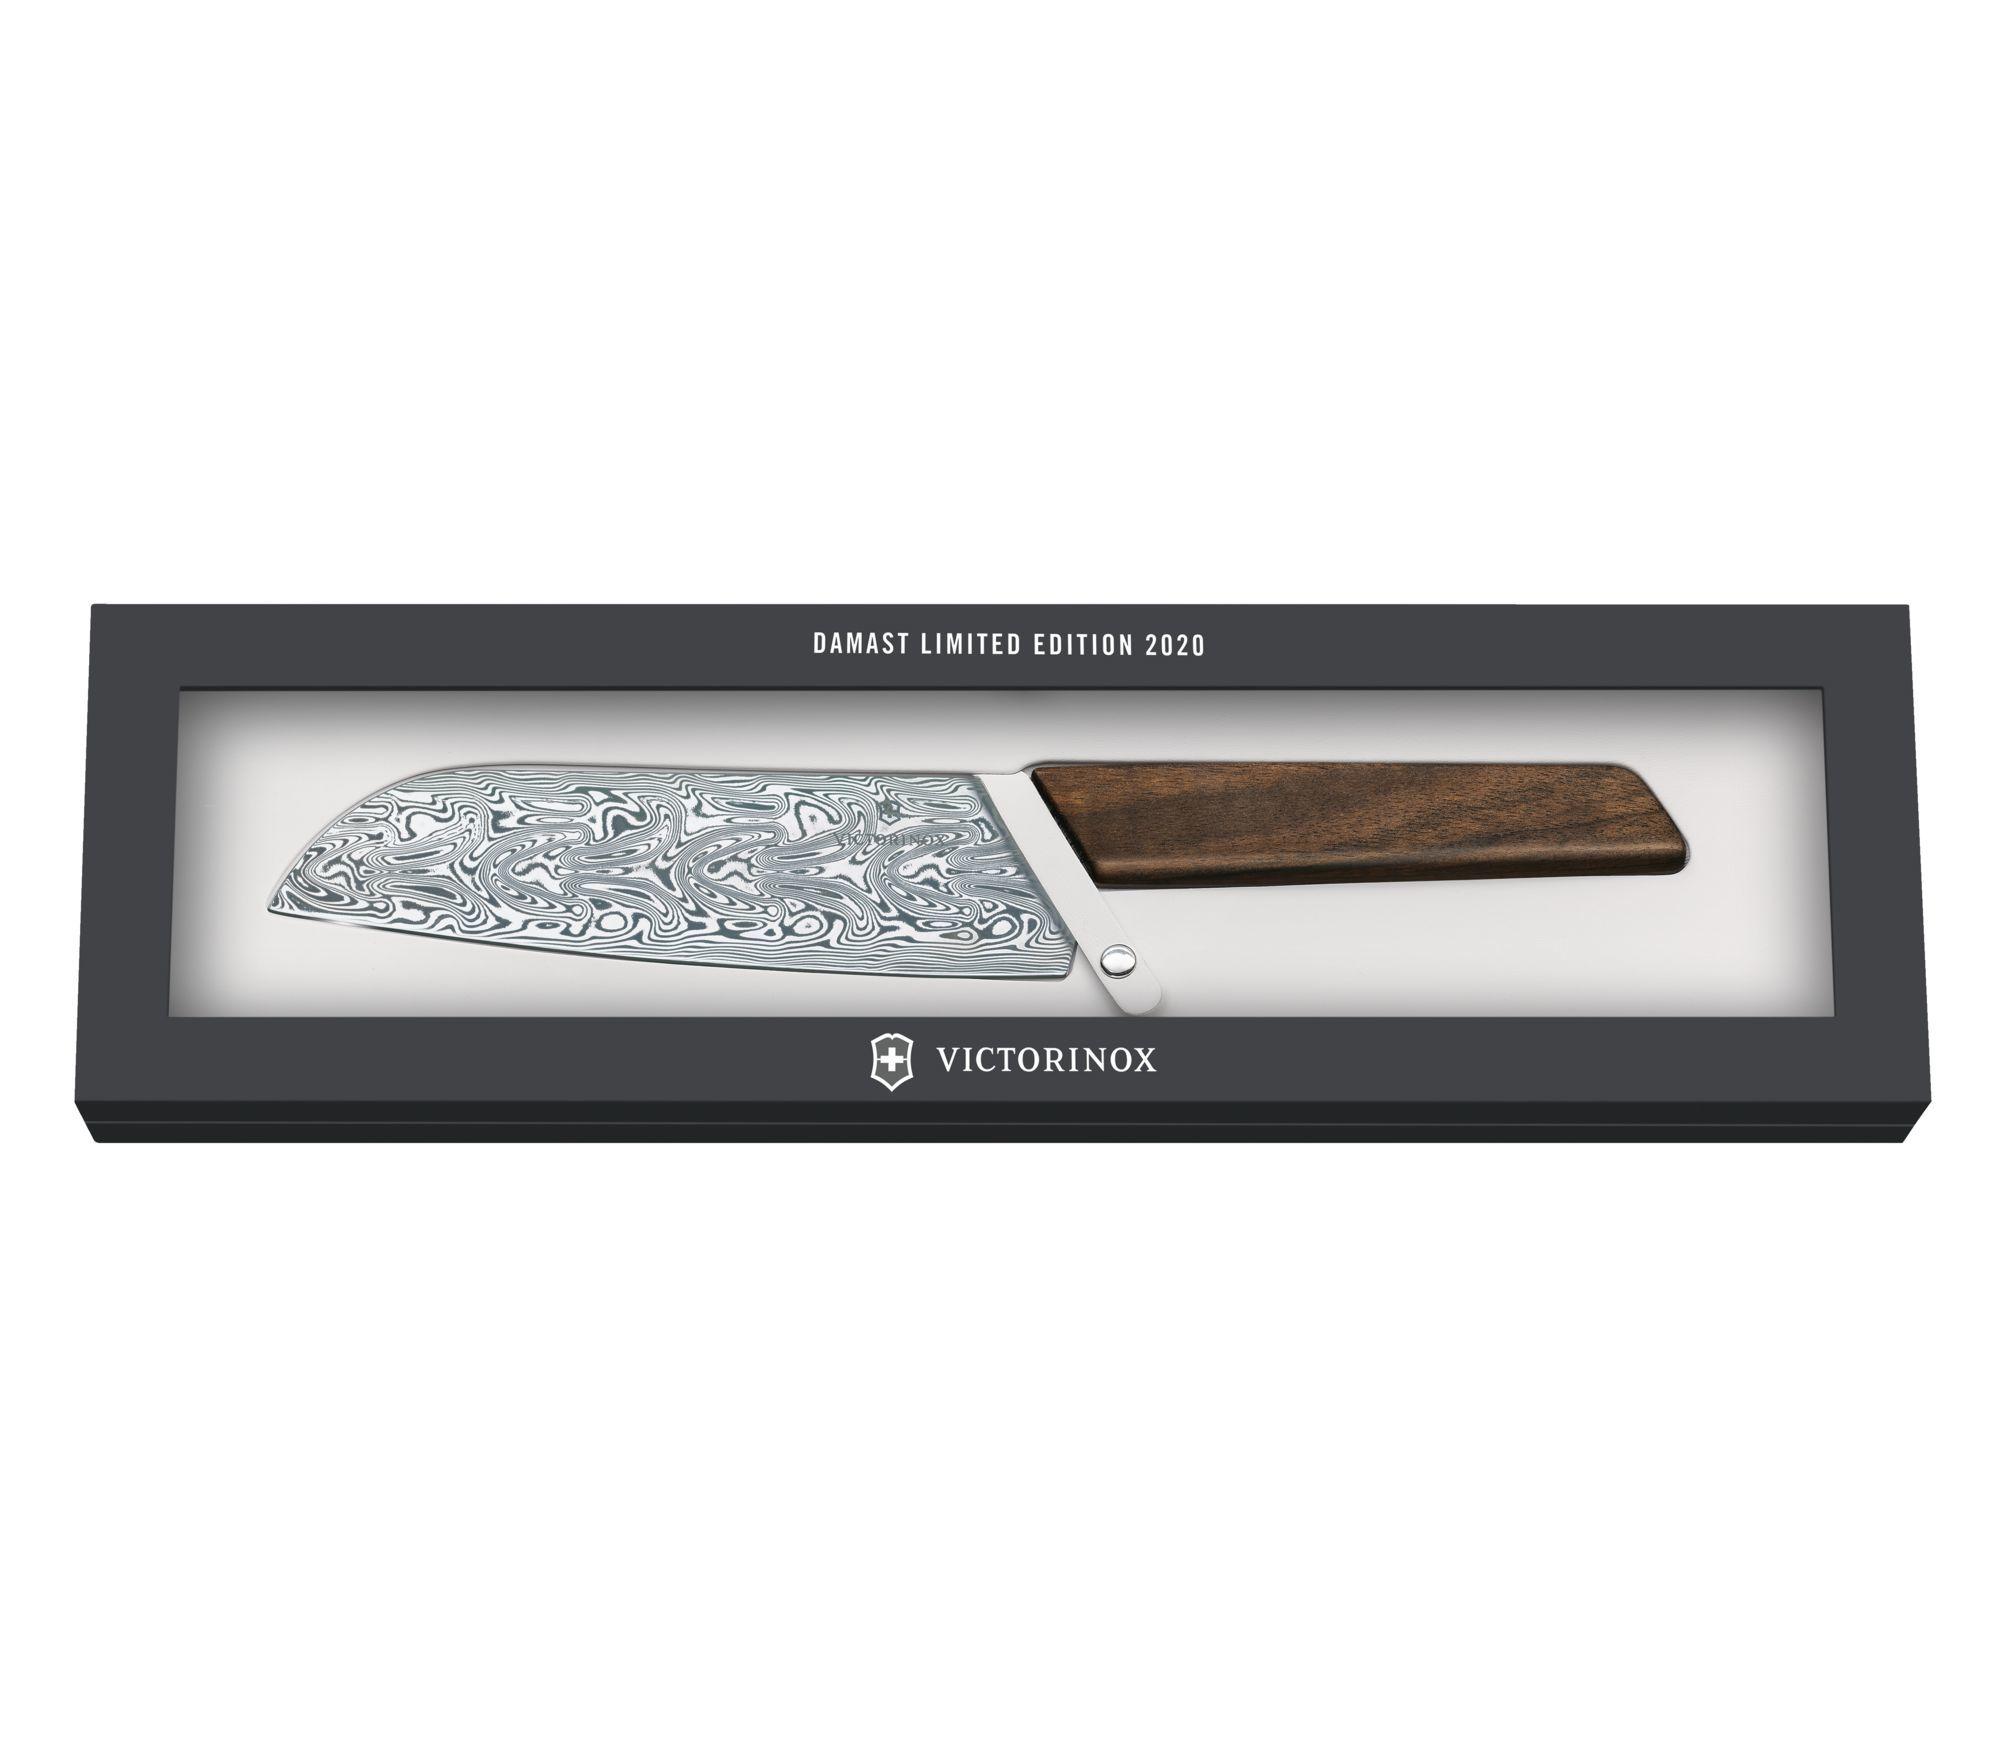 Кухонный коллекционный нож Victorinox Swiss Modern Santoku Damast Limited Edition 2020 (6.9050.17J20) дамасская сталь, лимитированное издание - Wenger-Victorinox.Ru